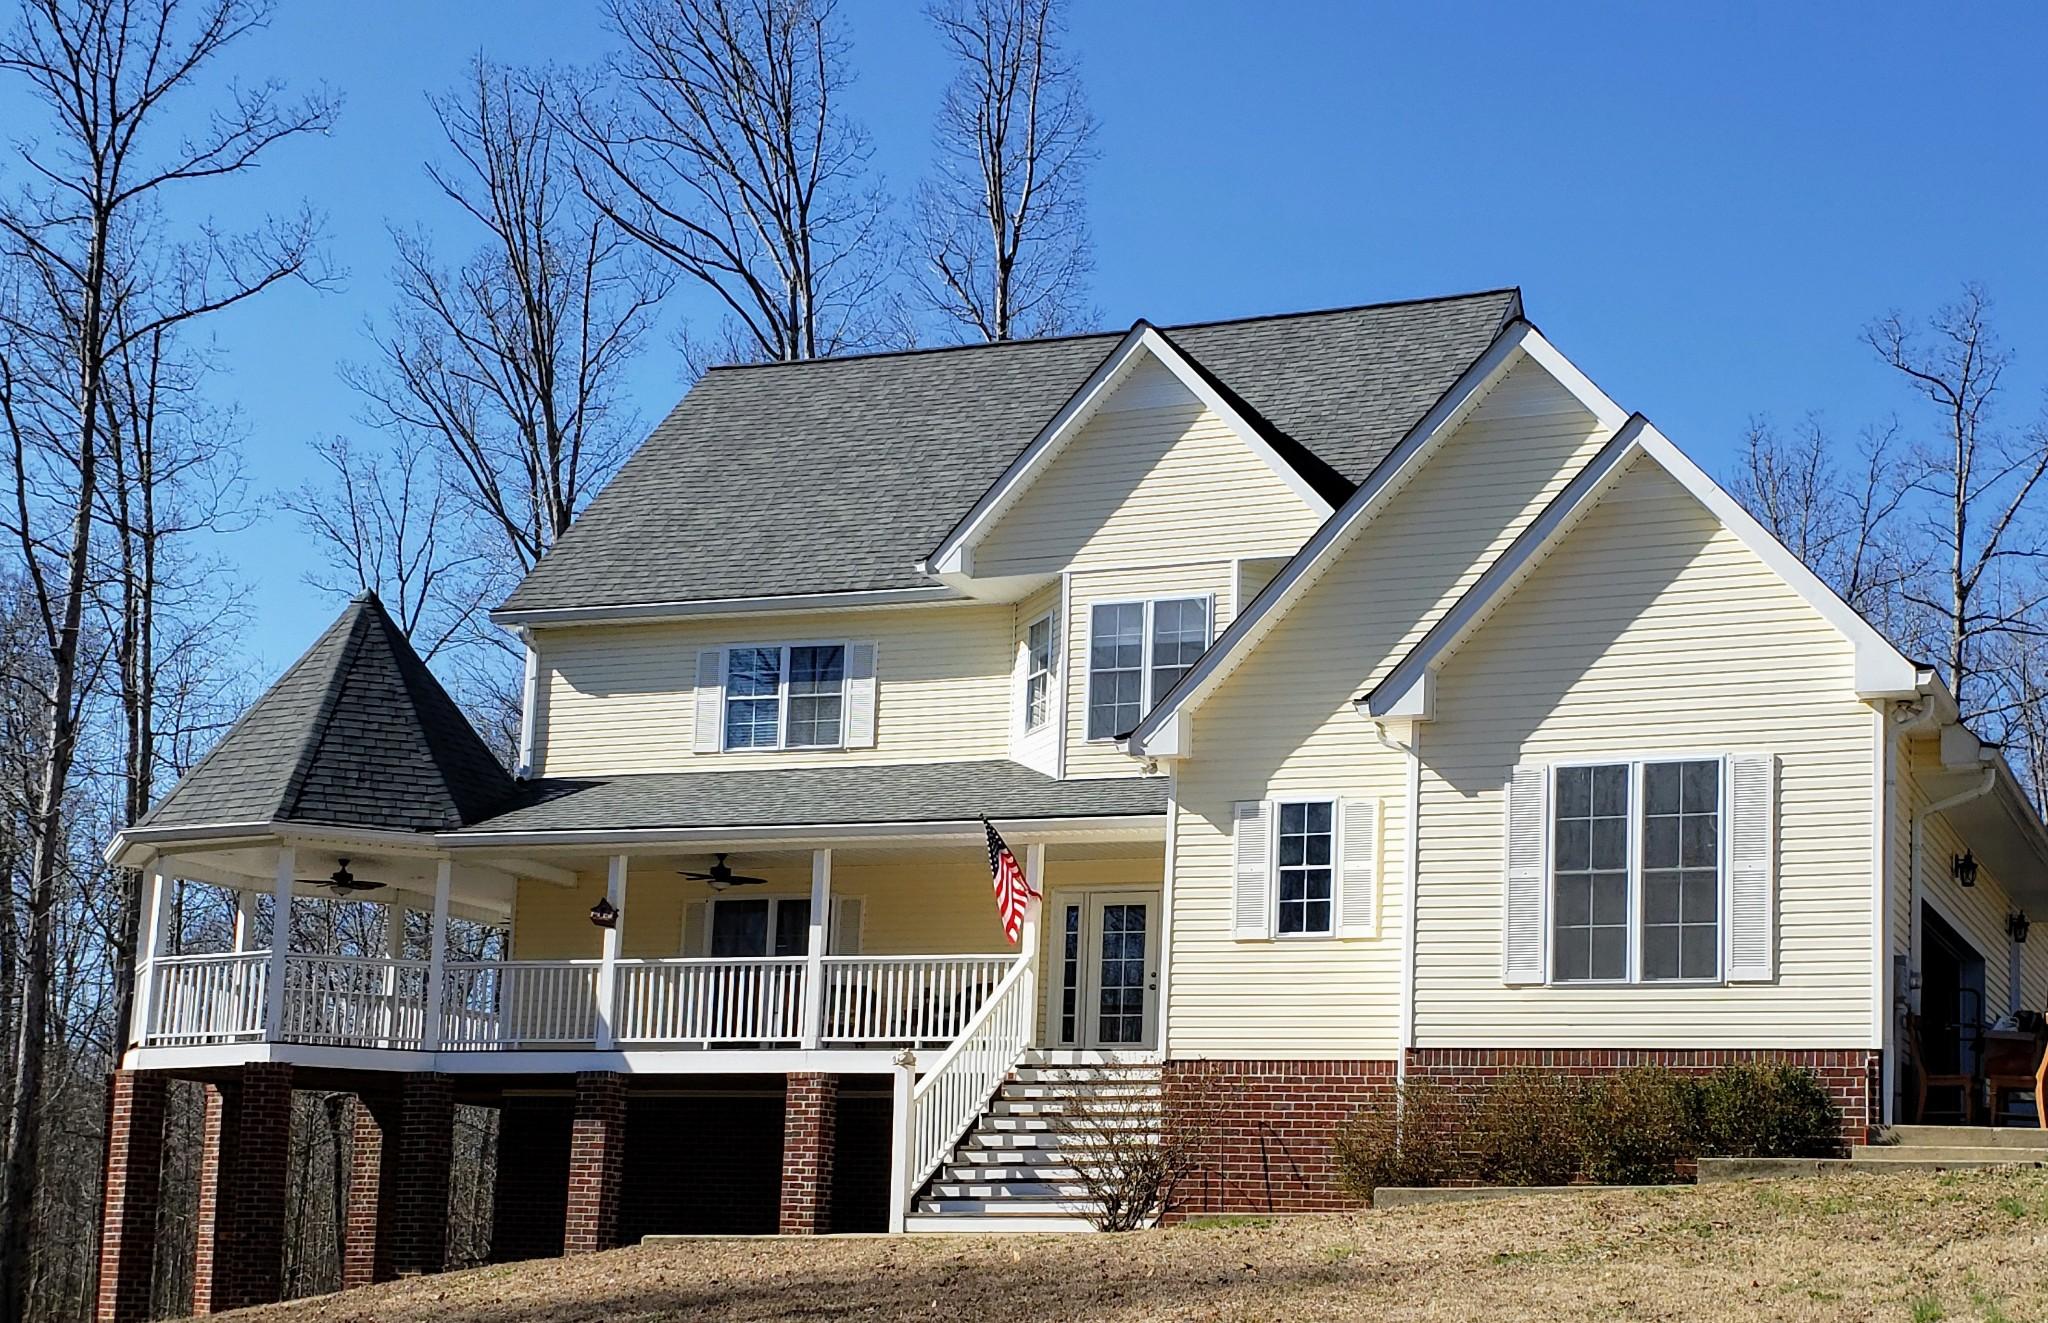 1012 Johnston Dr, White Bluff, TN 37187 - White Bluff, TN real estate listing